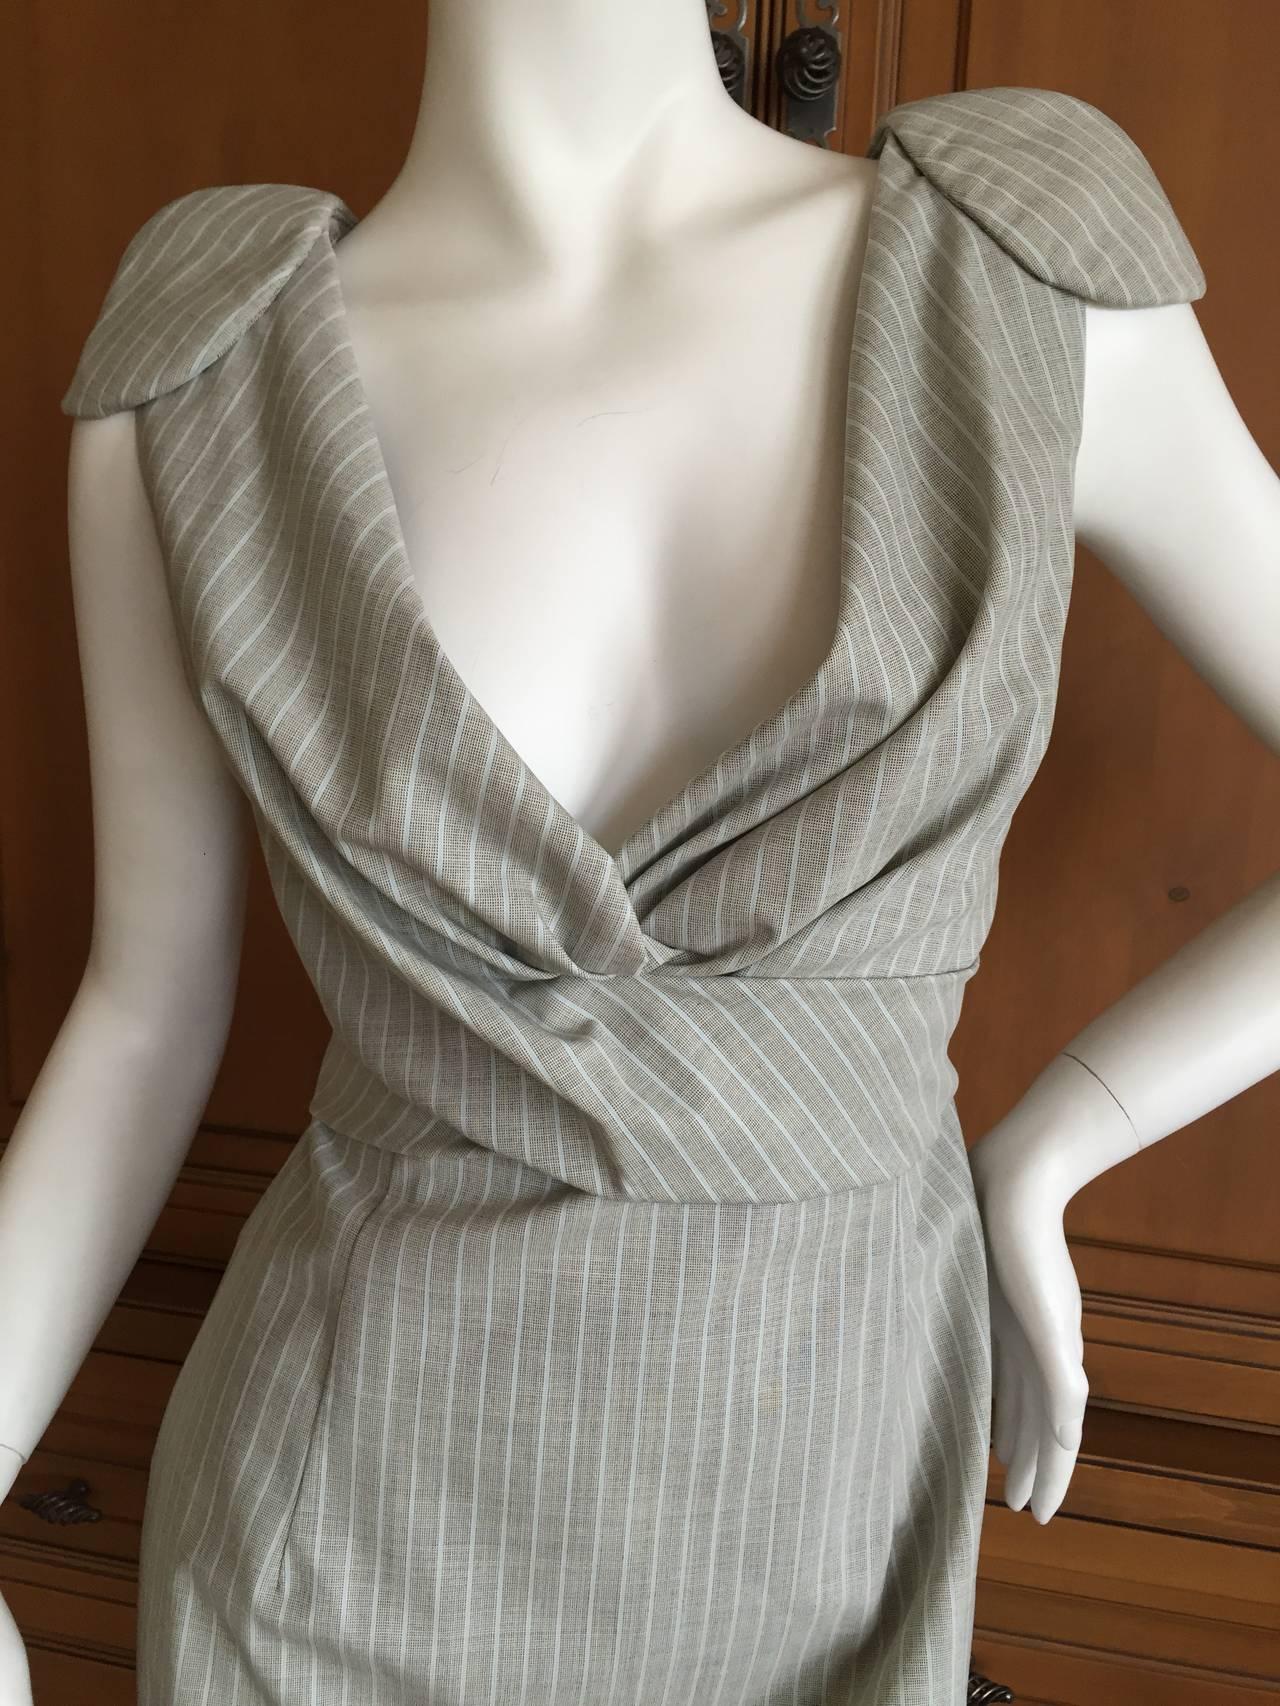 Alexander McQueen Pinstripe Dress 2009 NWT 2